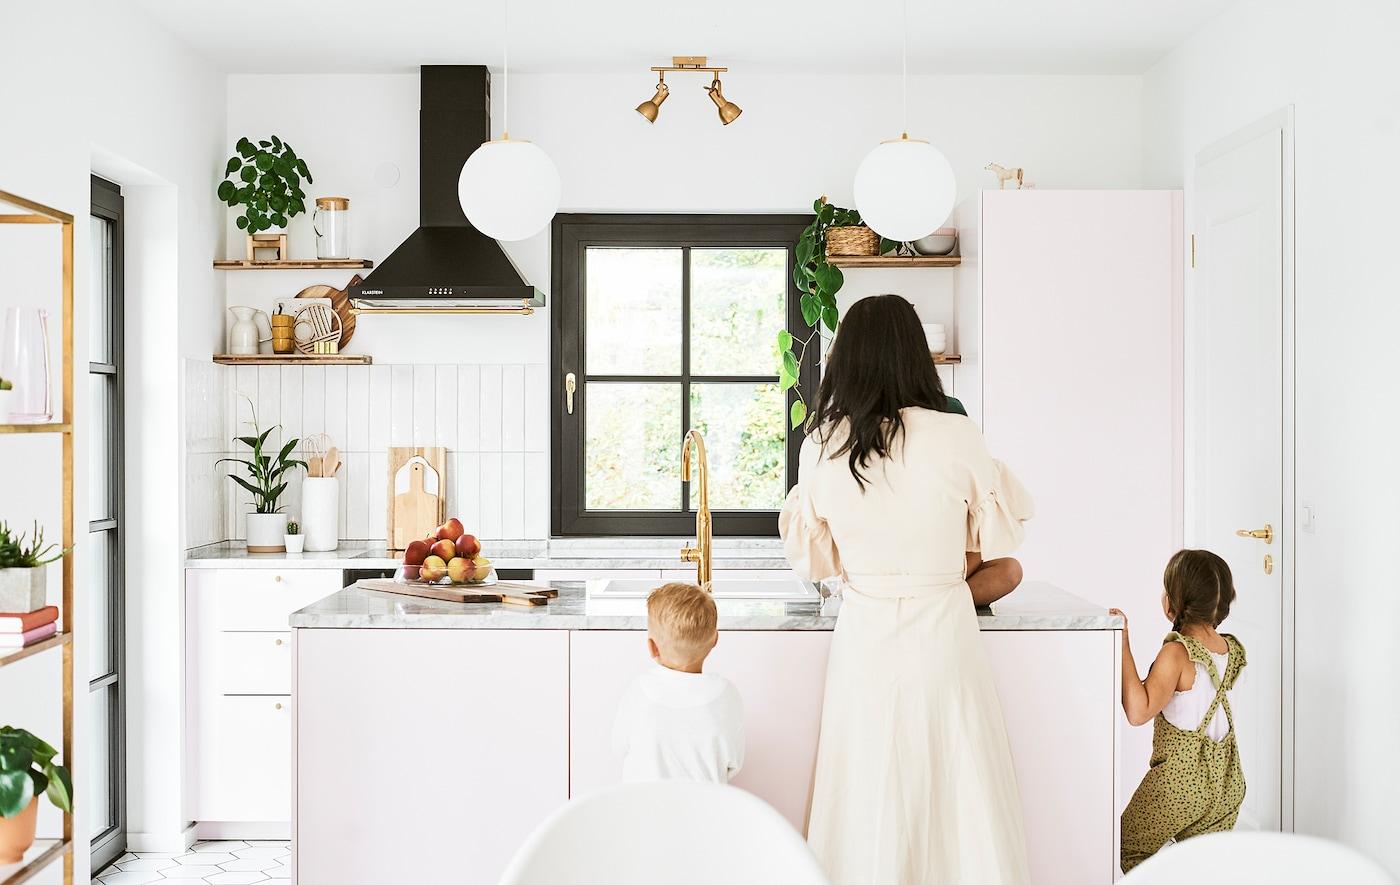 Мама та двоє дітей стоять біля кухонного острівця на кухні з рожевими шафами, мармуровими стільницями та латунними елементами.